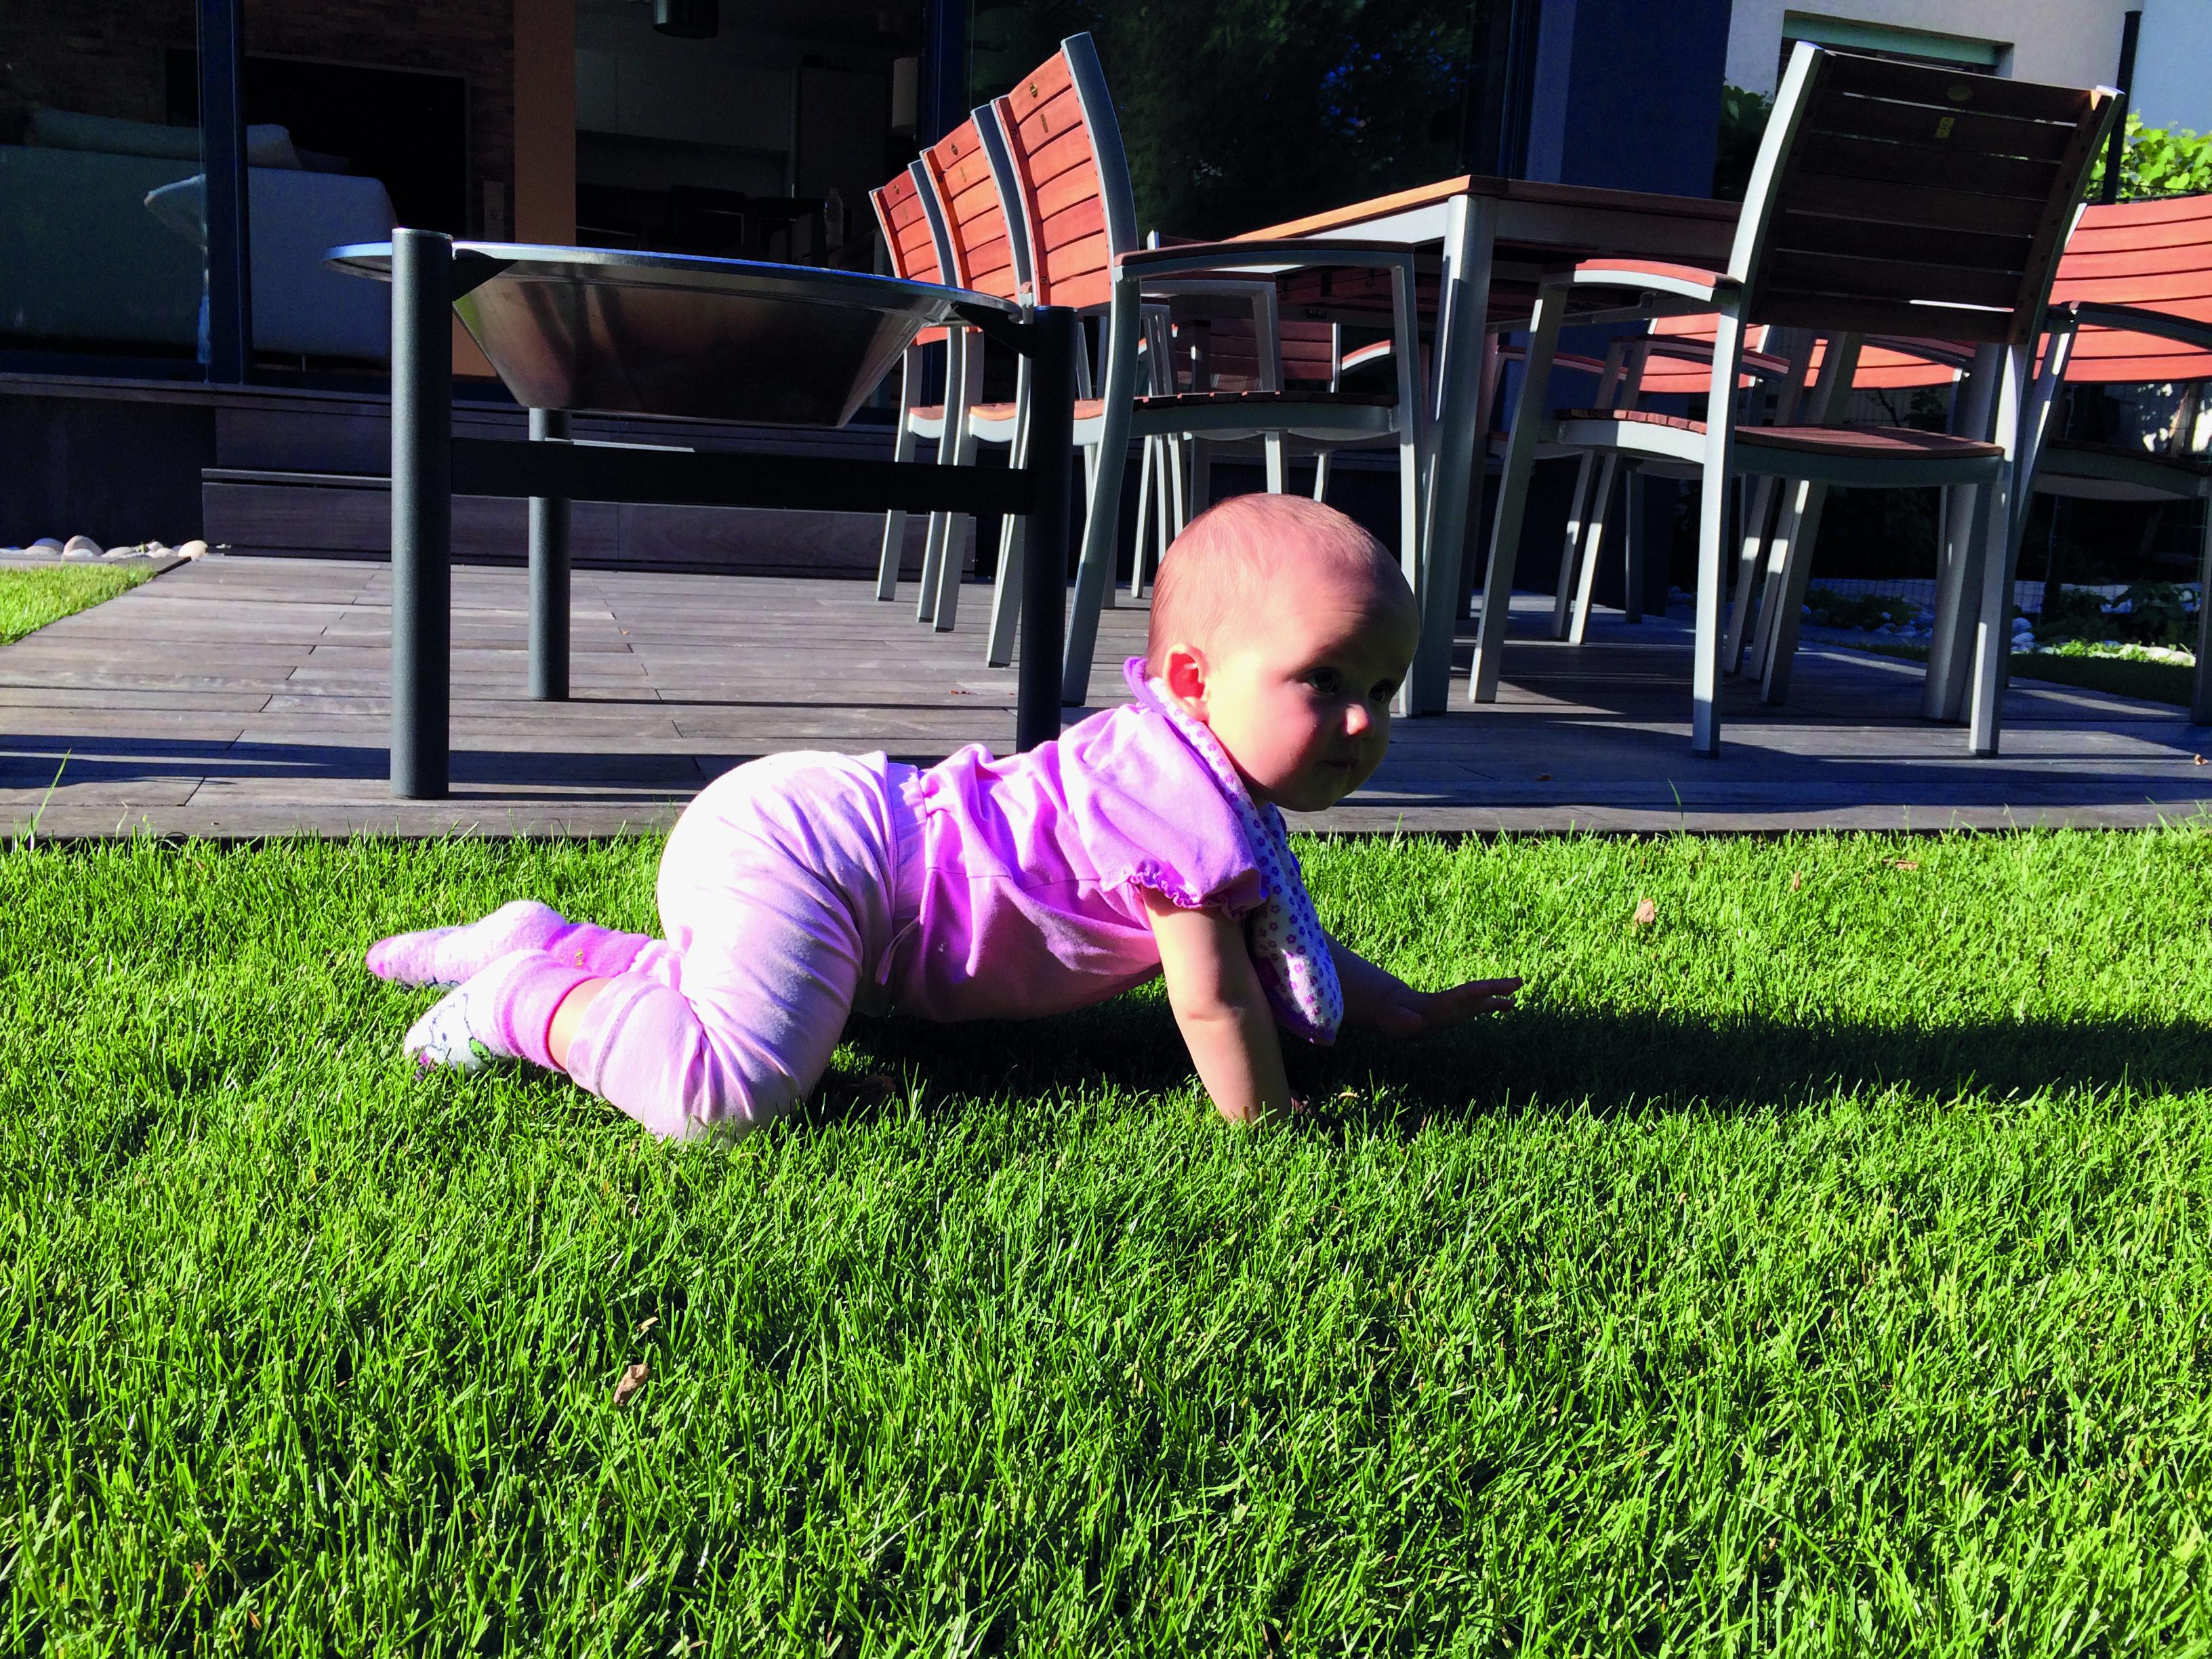 Slika 1: Otrok se prične pomikati po prostoru s plazenjem, v katerem ima največjo podporno ploskev in je najbolj stabilen, saj je s celotnim telesom v stiku s podlago.